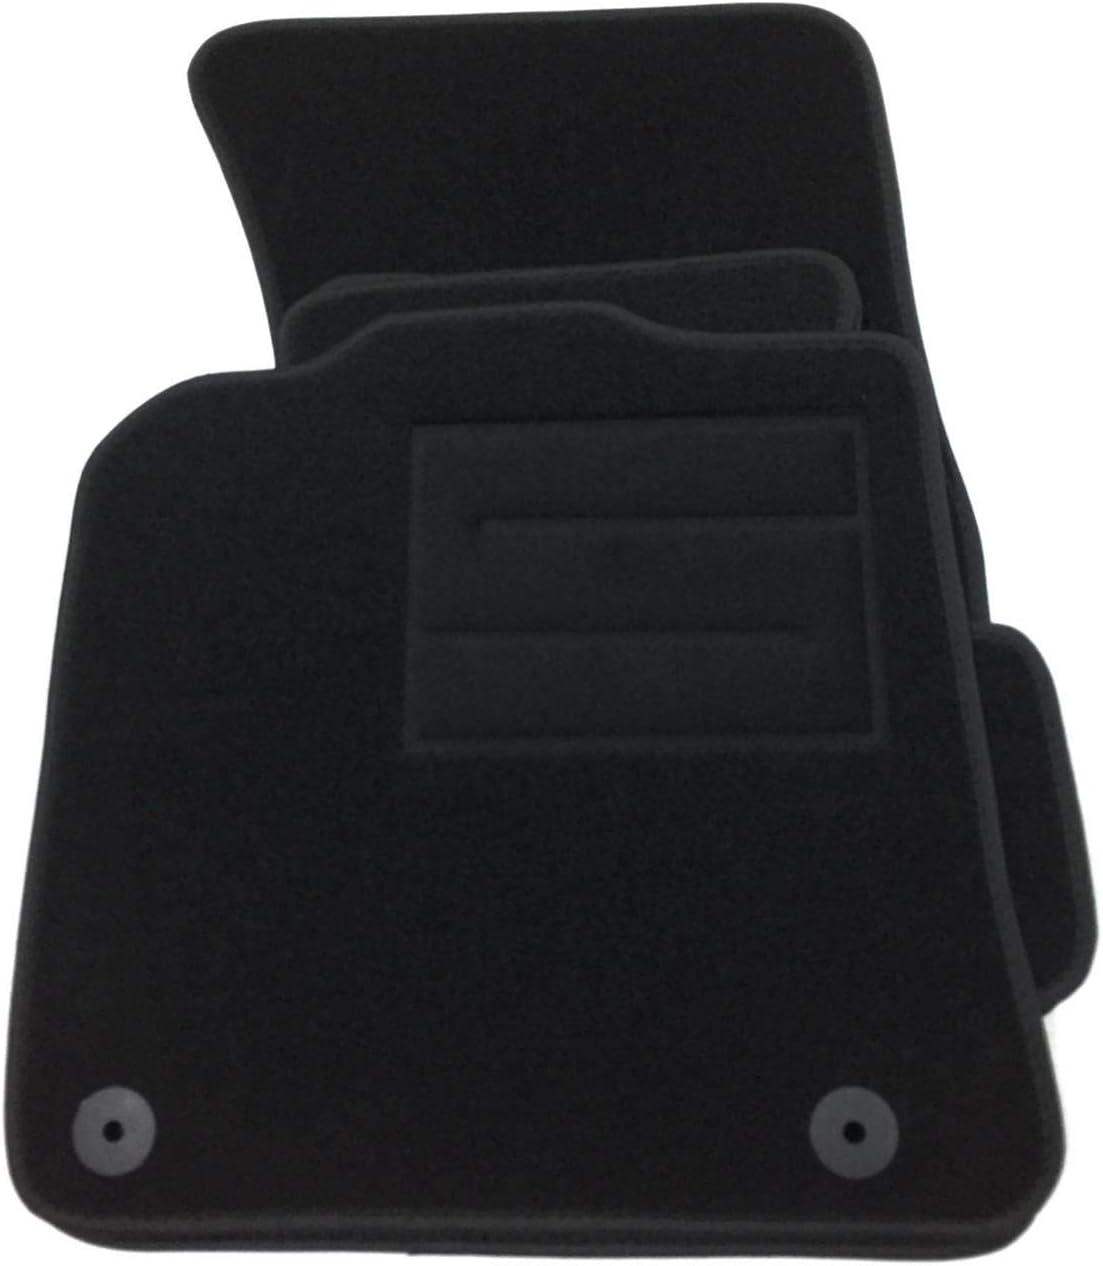 ASC Q5 2008 2016 I S/érie 8R Tapis de voiture avec boutons et talonnette